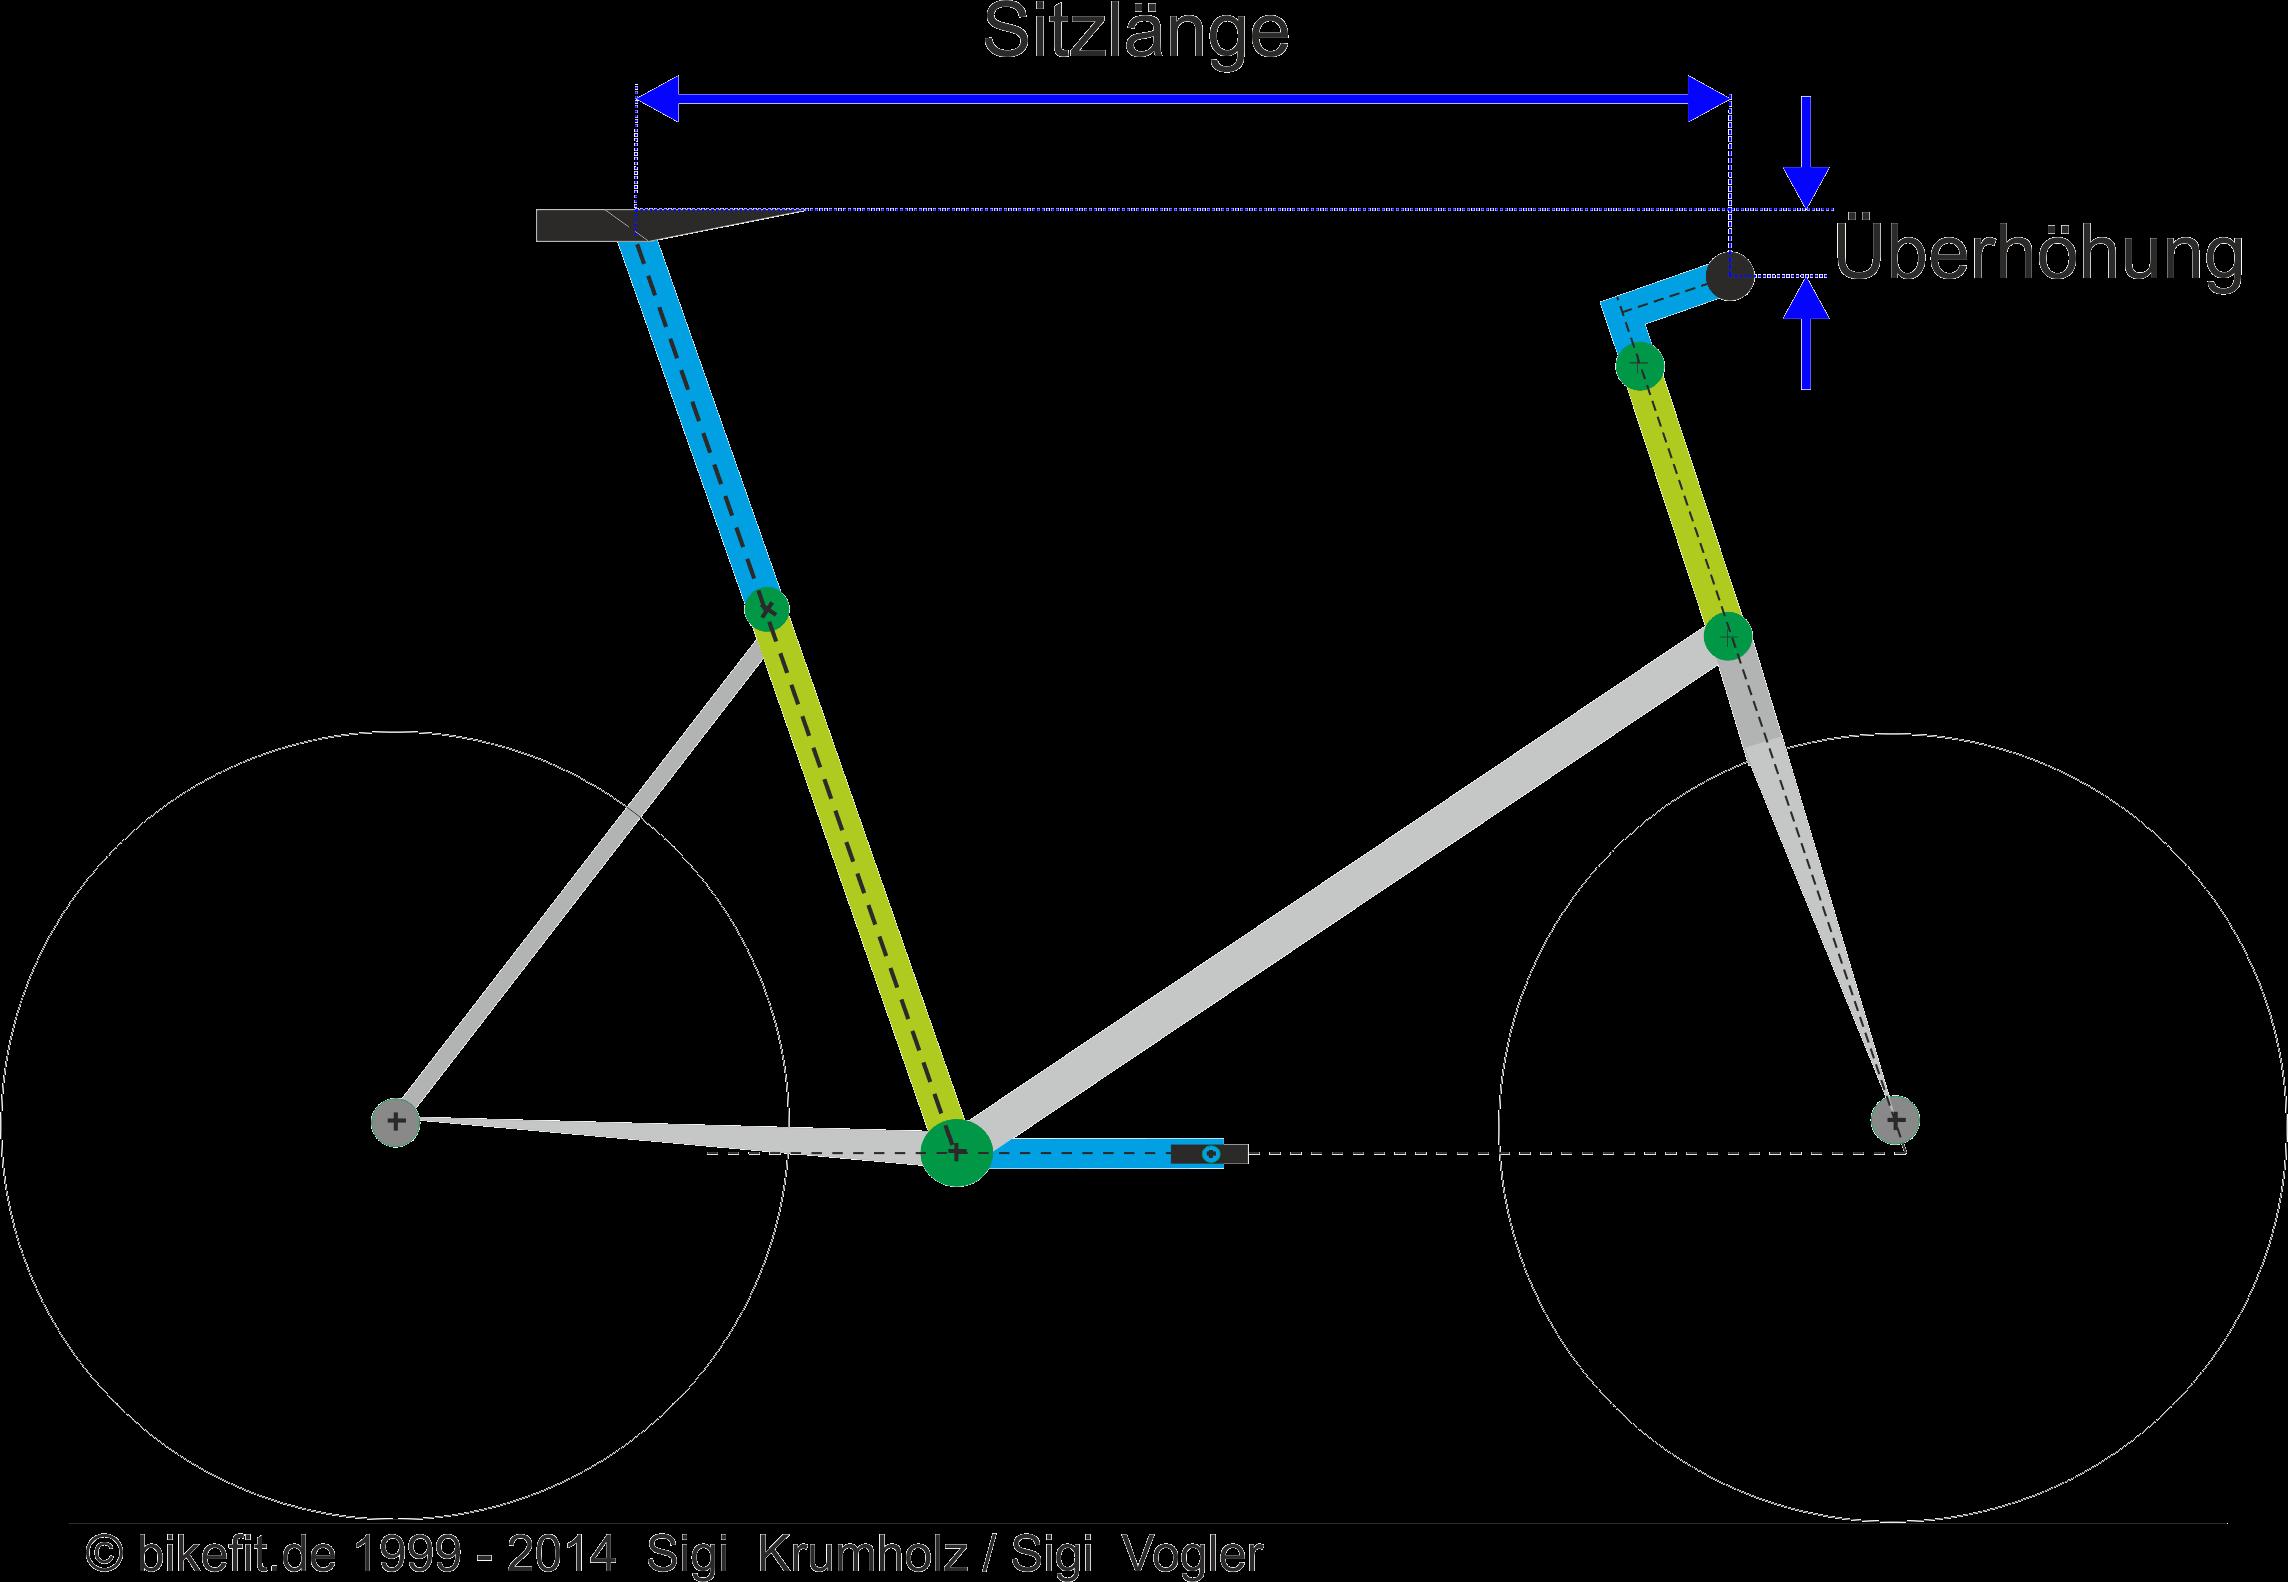 Großzügig Wie Ein Fahrradrahmen Größe Diagramm Messen Bilder ...